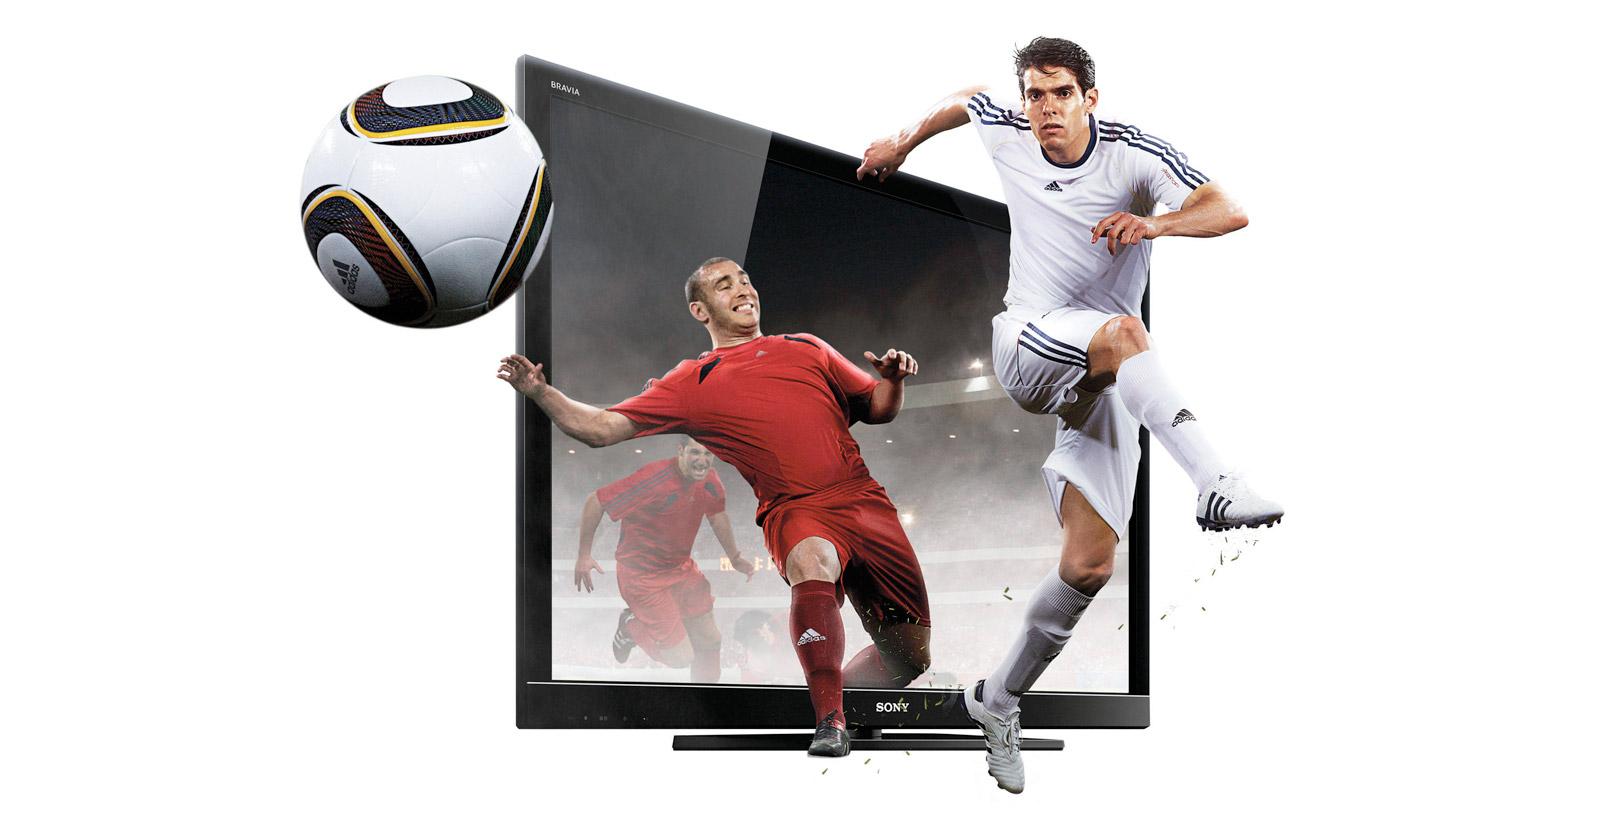 Image promotionnelle de Sony vantant les mérites de ses téléviseurs 3D BRAVIA.